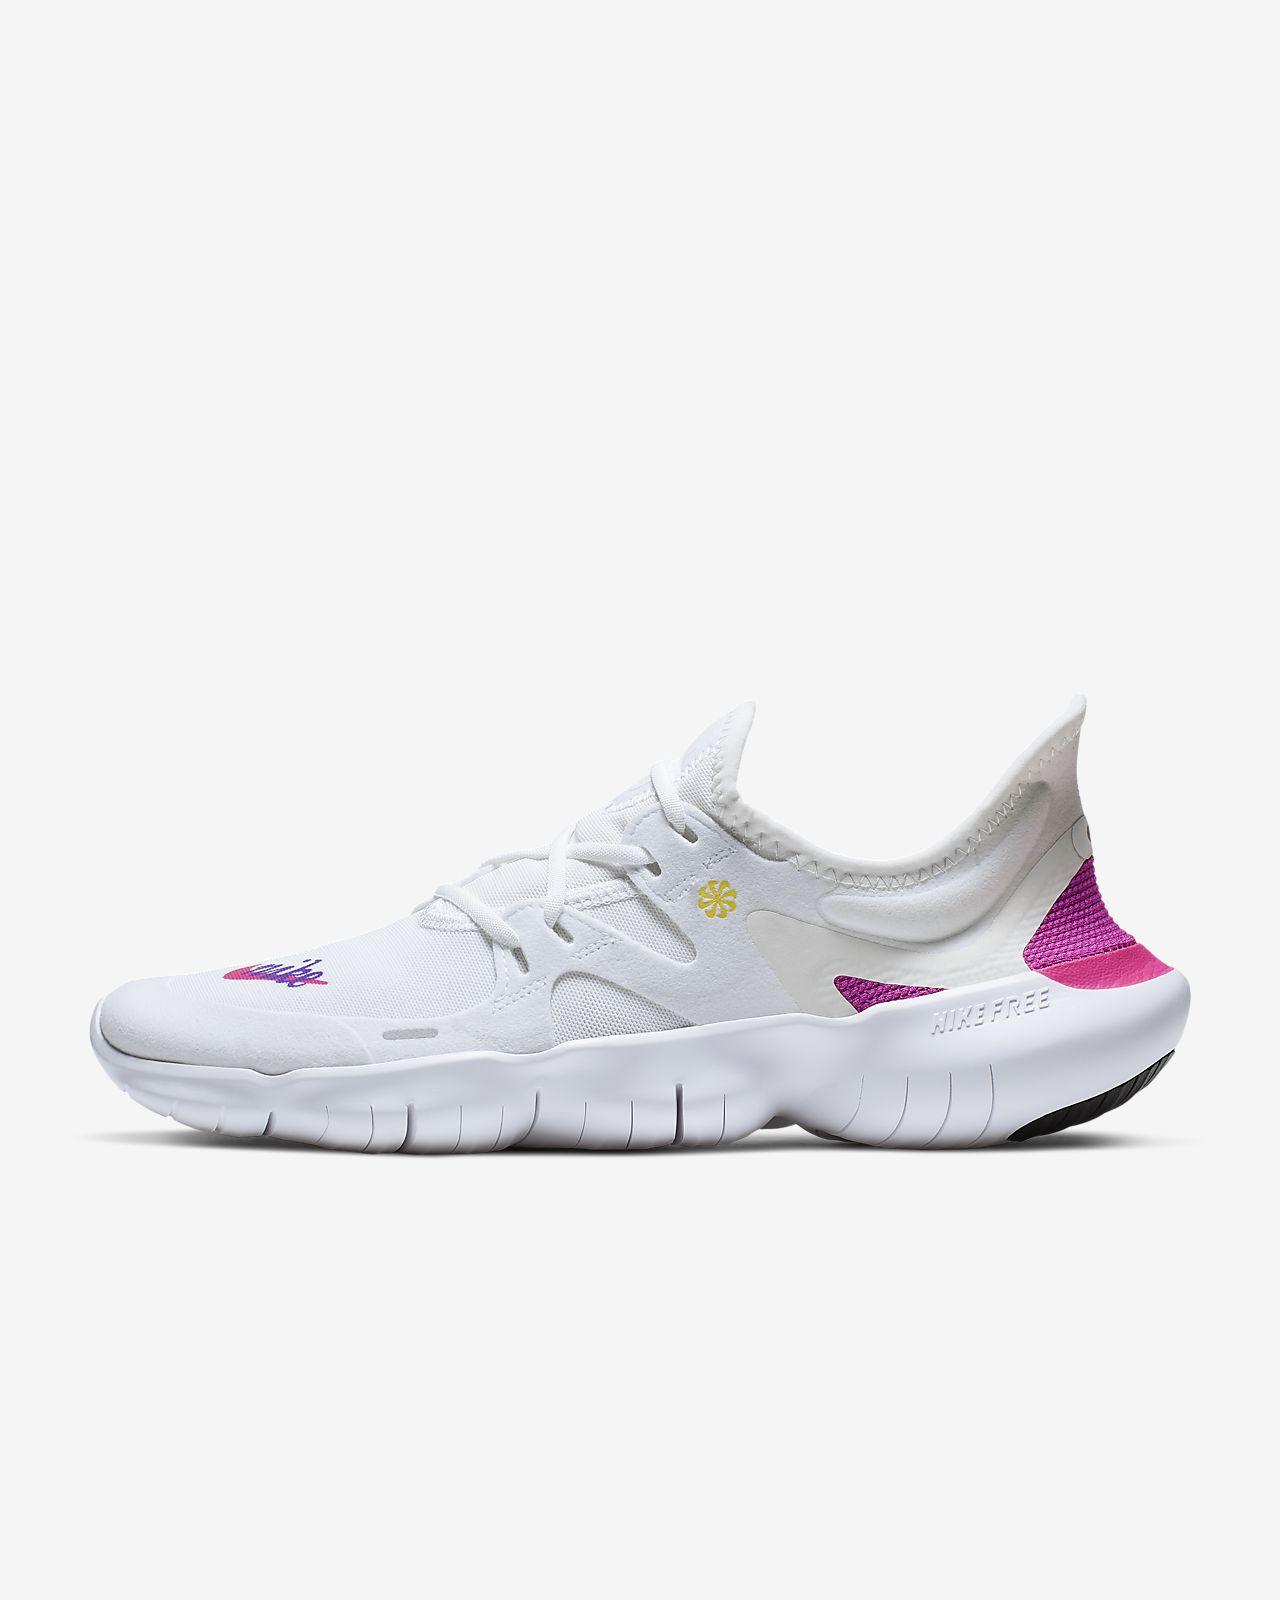 Nike Free Run + 5.0 Damen Laufschuhe rosa weiße Nike Schuhe :